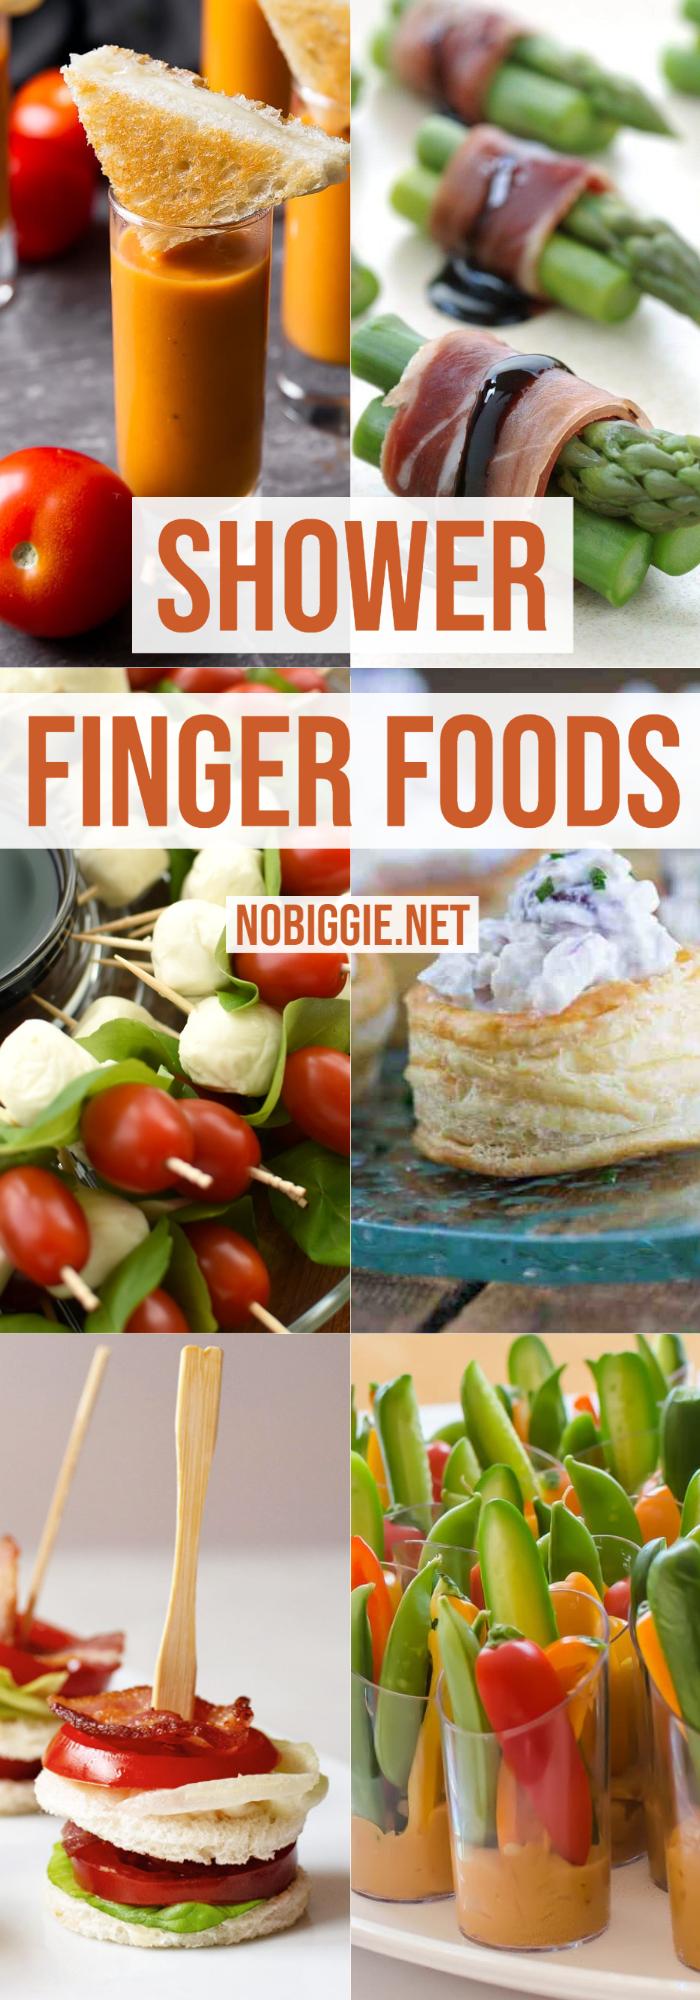 Shower Finger Foods | NoBiggie.net